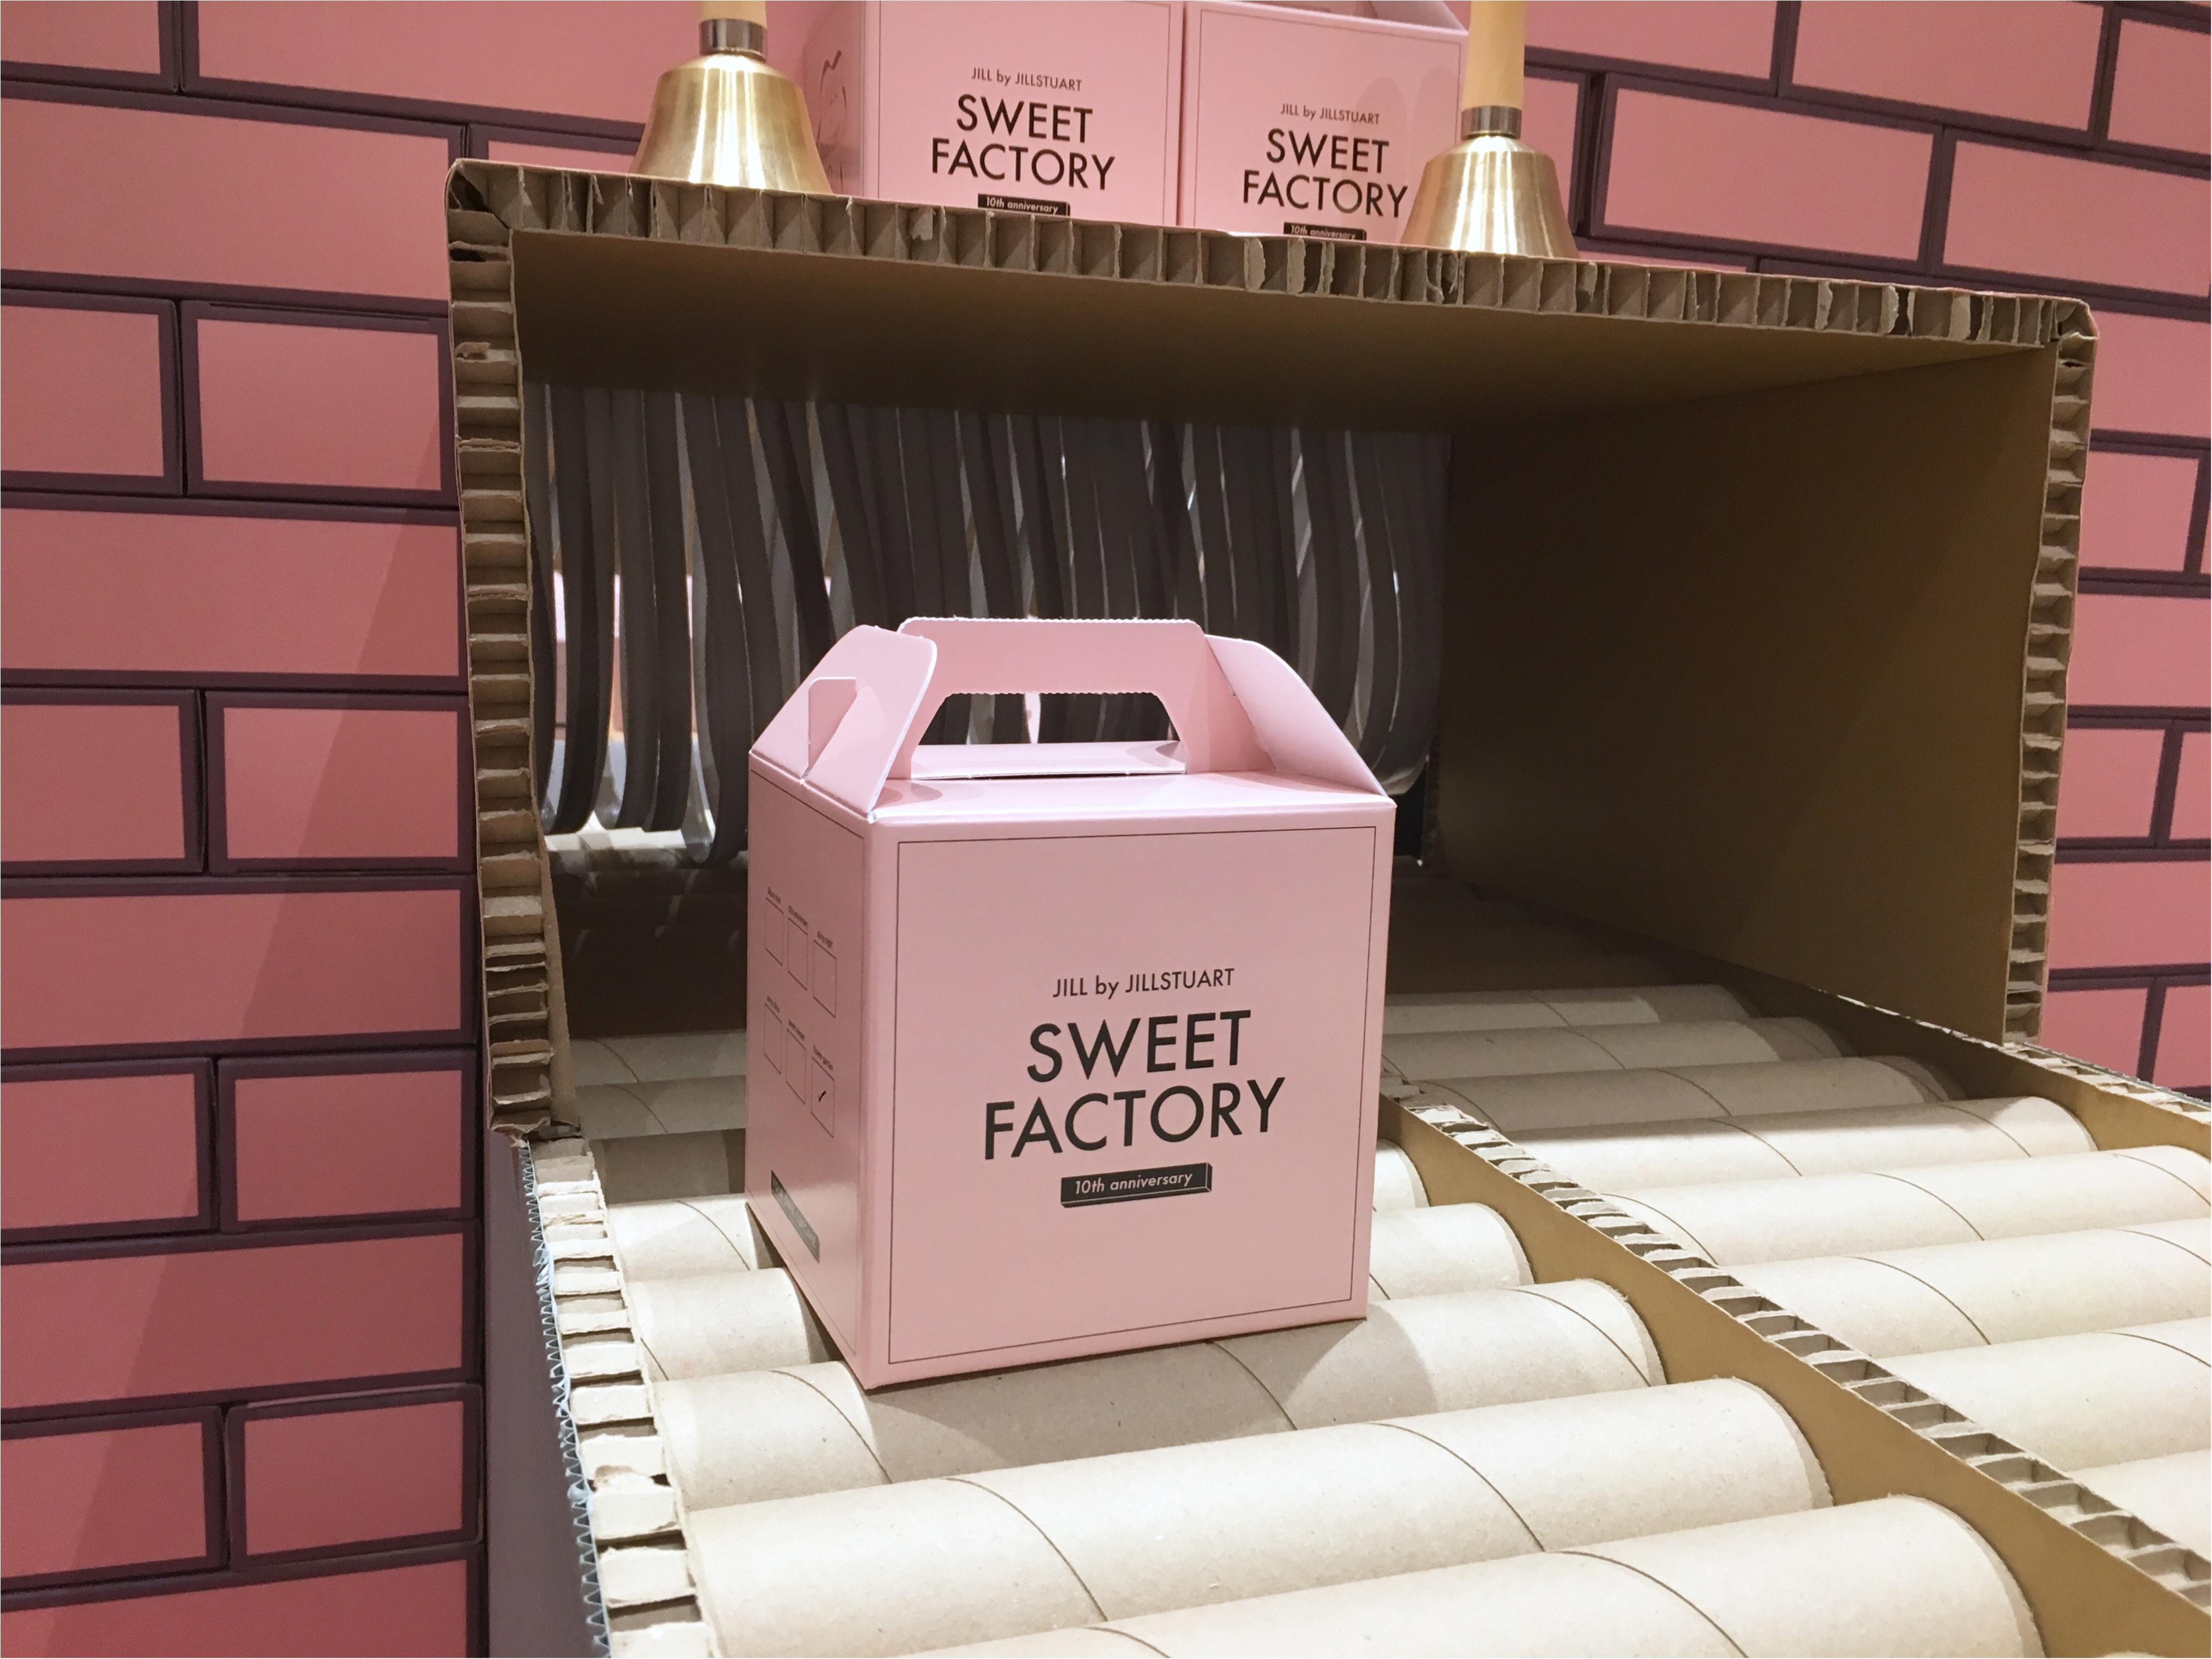 【JILLbyJILLSTUART(ジルバイ)】10thイベント『SWEET FACTORY』わたしにぴったりなカップケーキって?_1